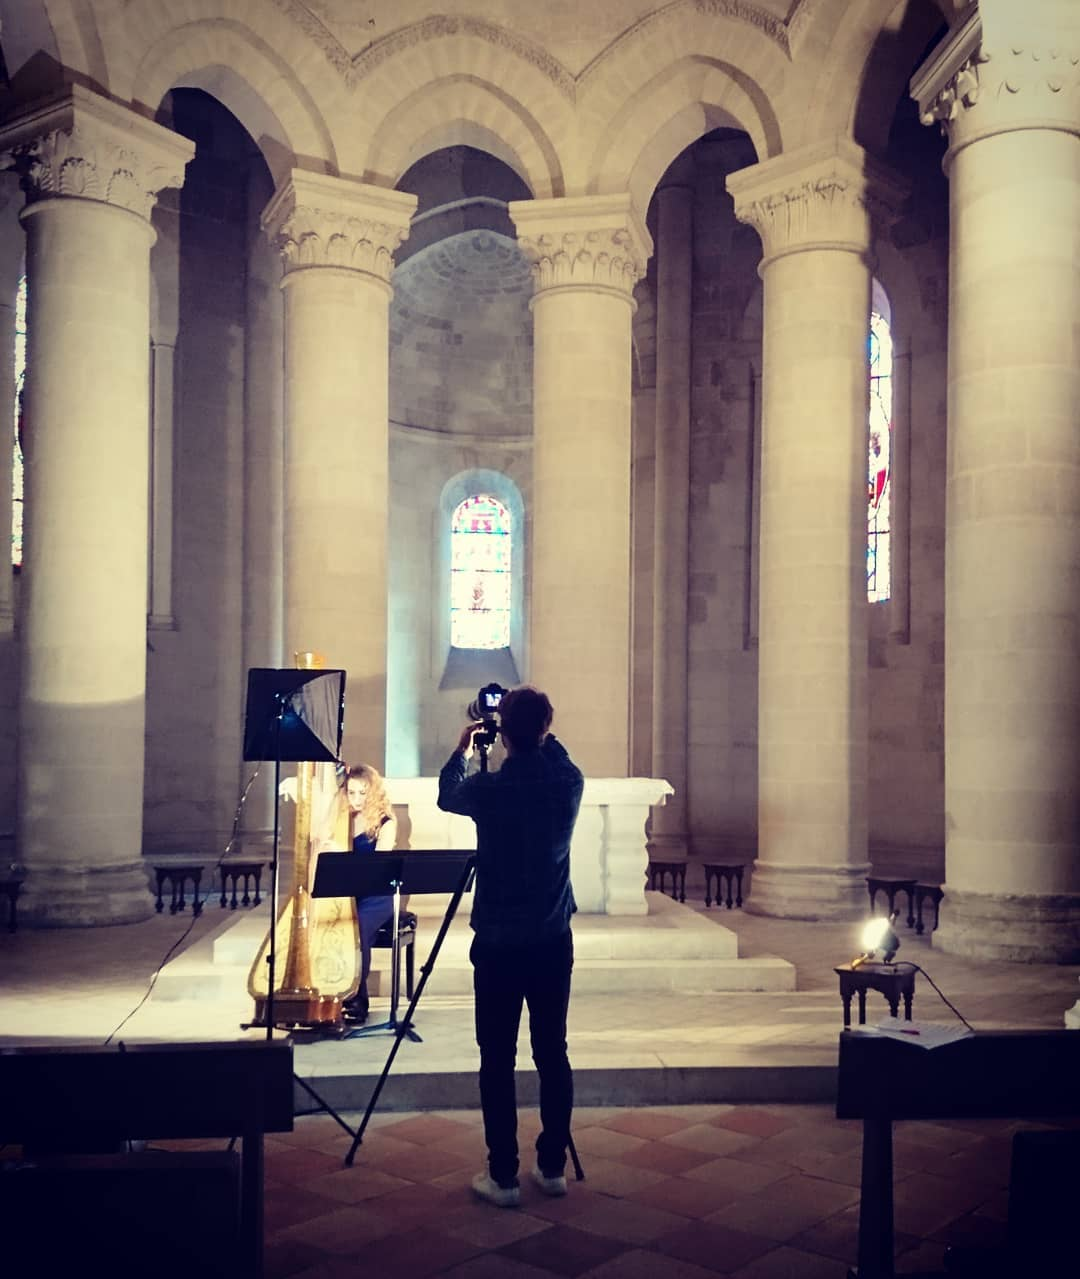 """My new video, """"Concerto pour une voix"""" is out!! 🤩 Here's a little from the shoot (trying to find a way to decently light the gorgeous yet MASSIVE Abbey of with our 3 little spots)! 🤗 Check out the result on Youtube (like in bio), and please don't hesitate to leave a comment to let us know what you thought!! . .  Mon nouveau clip, """"Concerto pour une voix"""" vient de sortir !! 🤩 Voila une petite image des coulisse, au moment où on essayait d'éclairer décemment l'immense abbaye de Guitres avec nos trois petits spots. 🤗 Allez voir le résultat sur Youtube (lien en bio) !! Et surtout n'hésitez pas à nous dire ce que vous en pensez !  Detrás de las escenas del rodaje de mi nuevo video, """"Concierto Para Una Voz"""" !!  El resultado acaba de salir en Youtube (enlace en bio)!! 🤩 Déjenme me saber lo que piensan!! . ."""